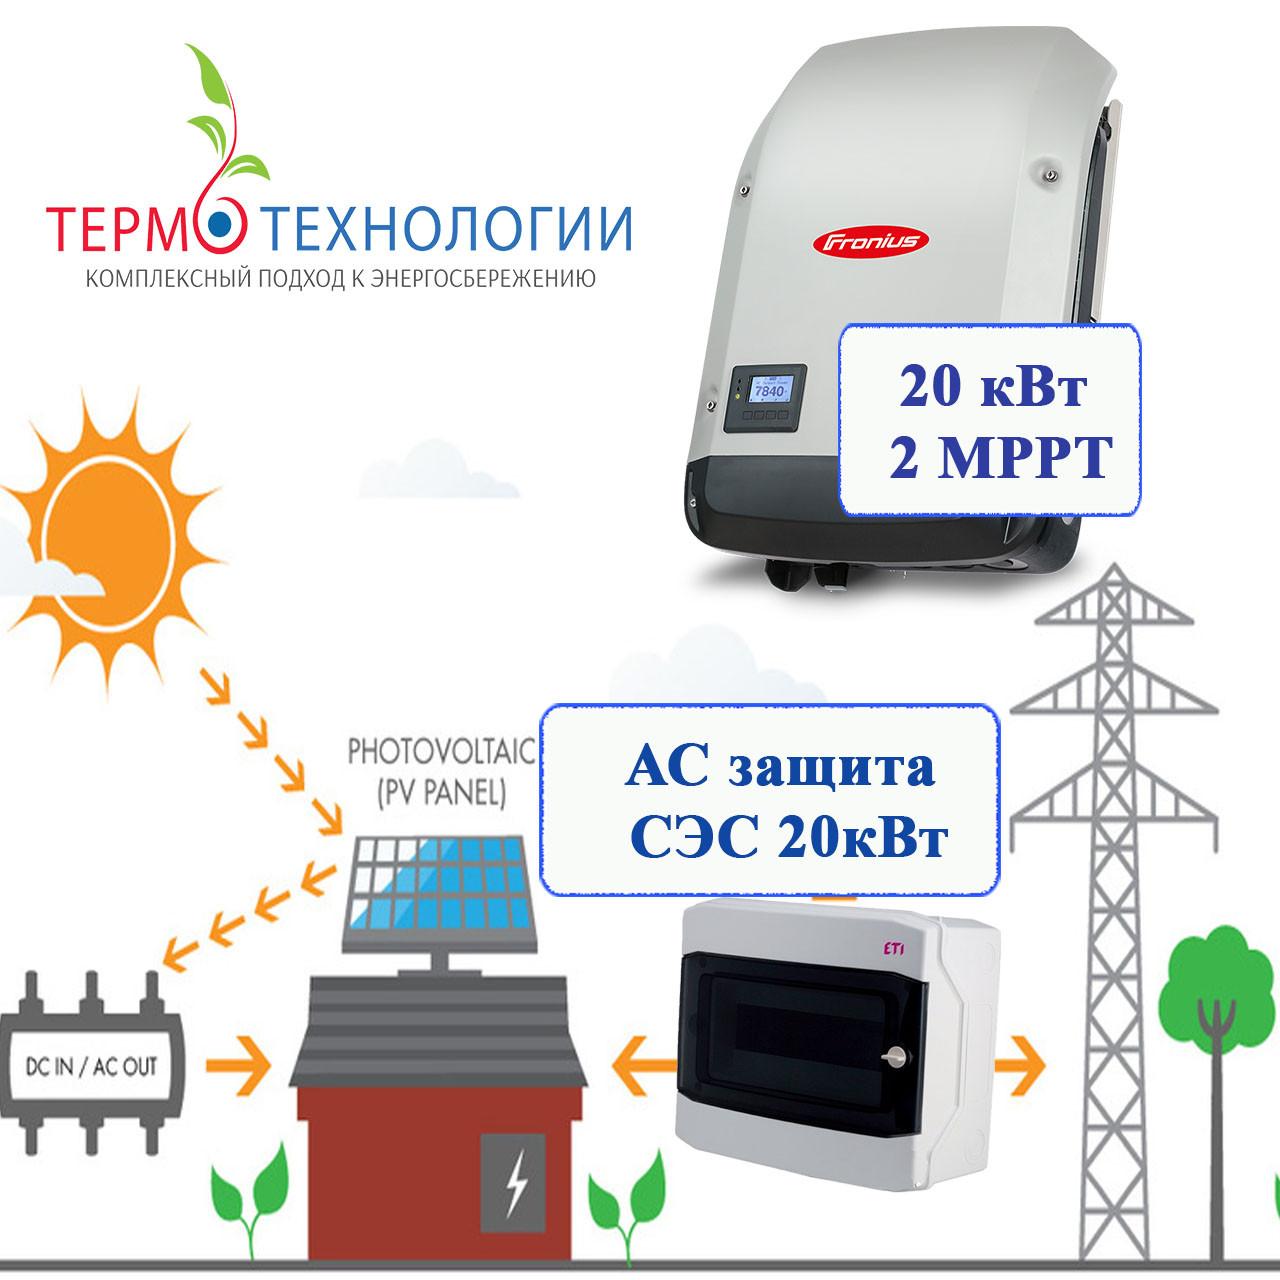 AC защита солнечной электростанции для сетевого инвертора на 20 кВт